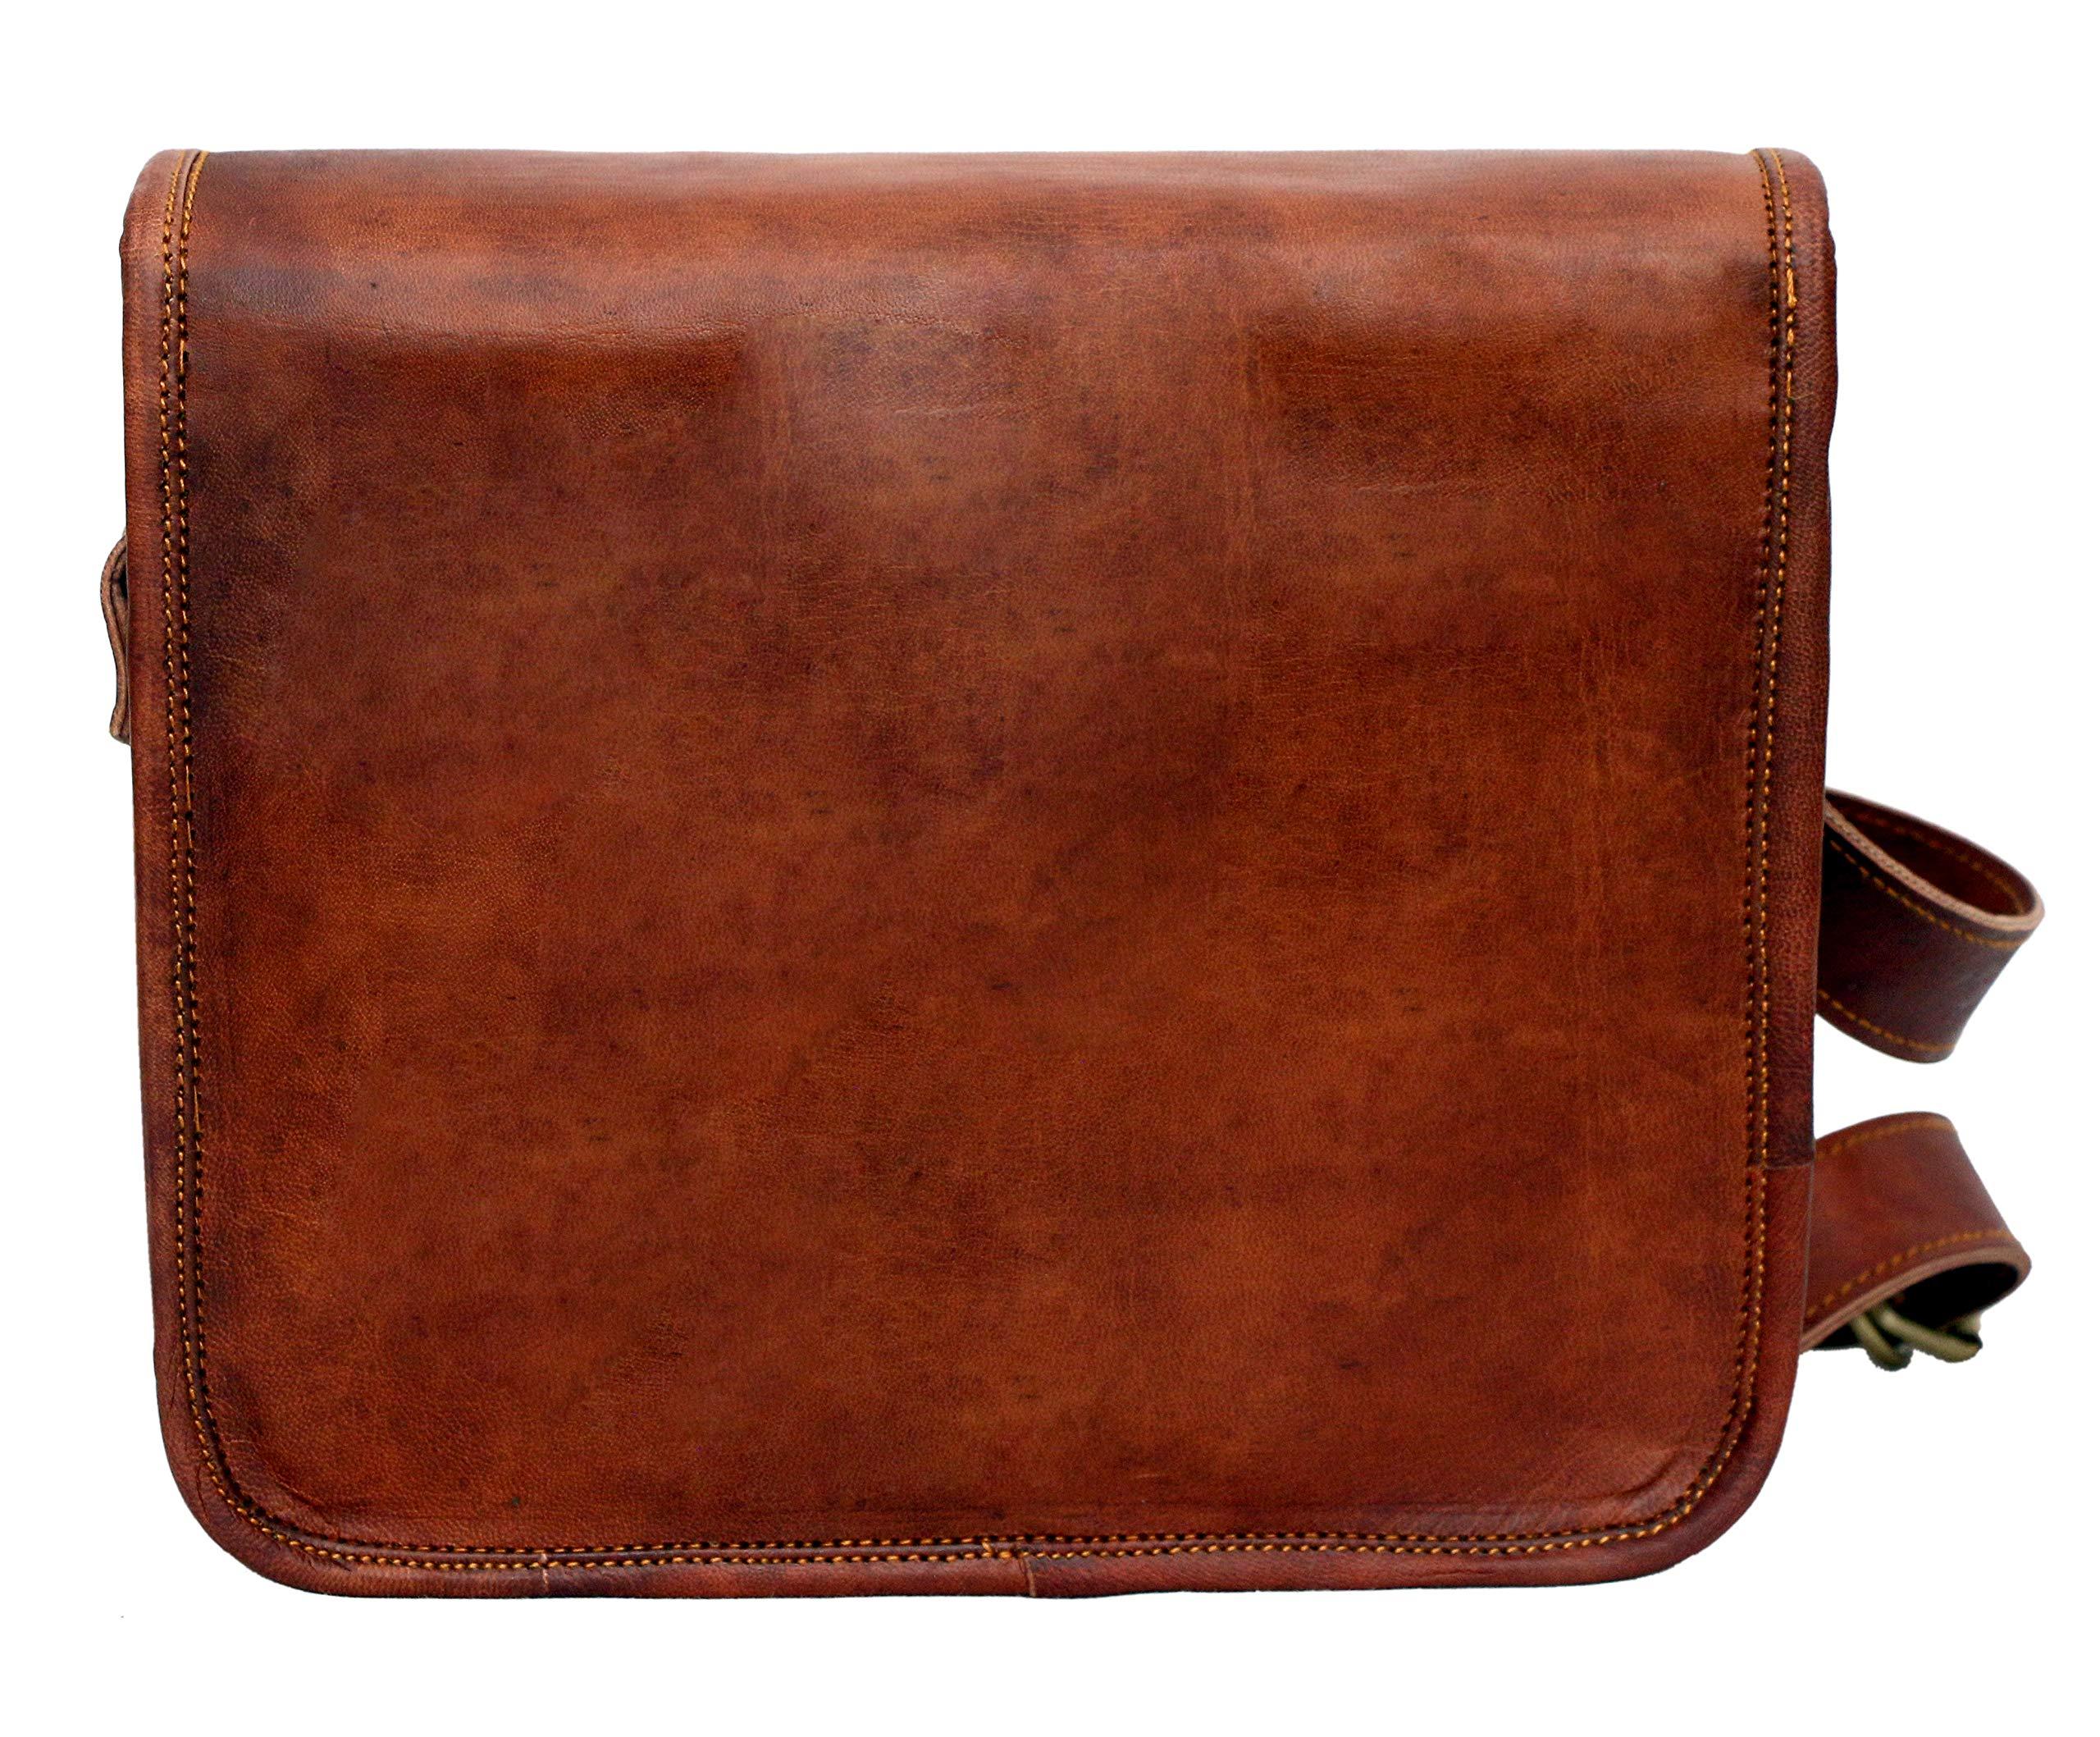 Leather bag Fair Deal / Full flap bag / laptop bag / best computer shoulder briefcase /  Handmade leather bag messenger bag for I pad / brown bag  by Fair Deal (Image #6)